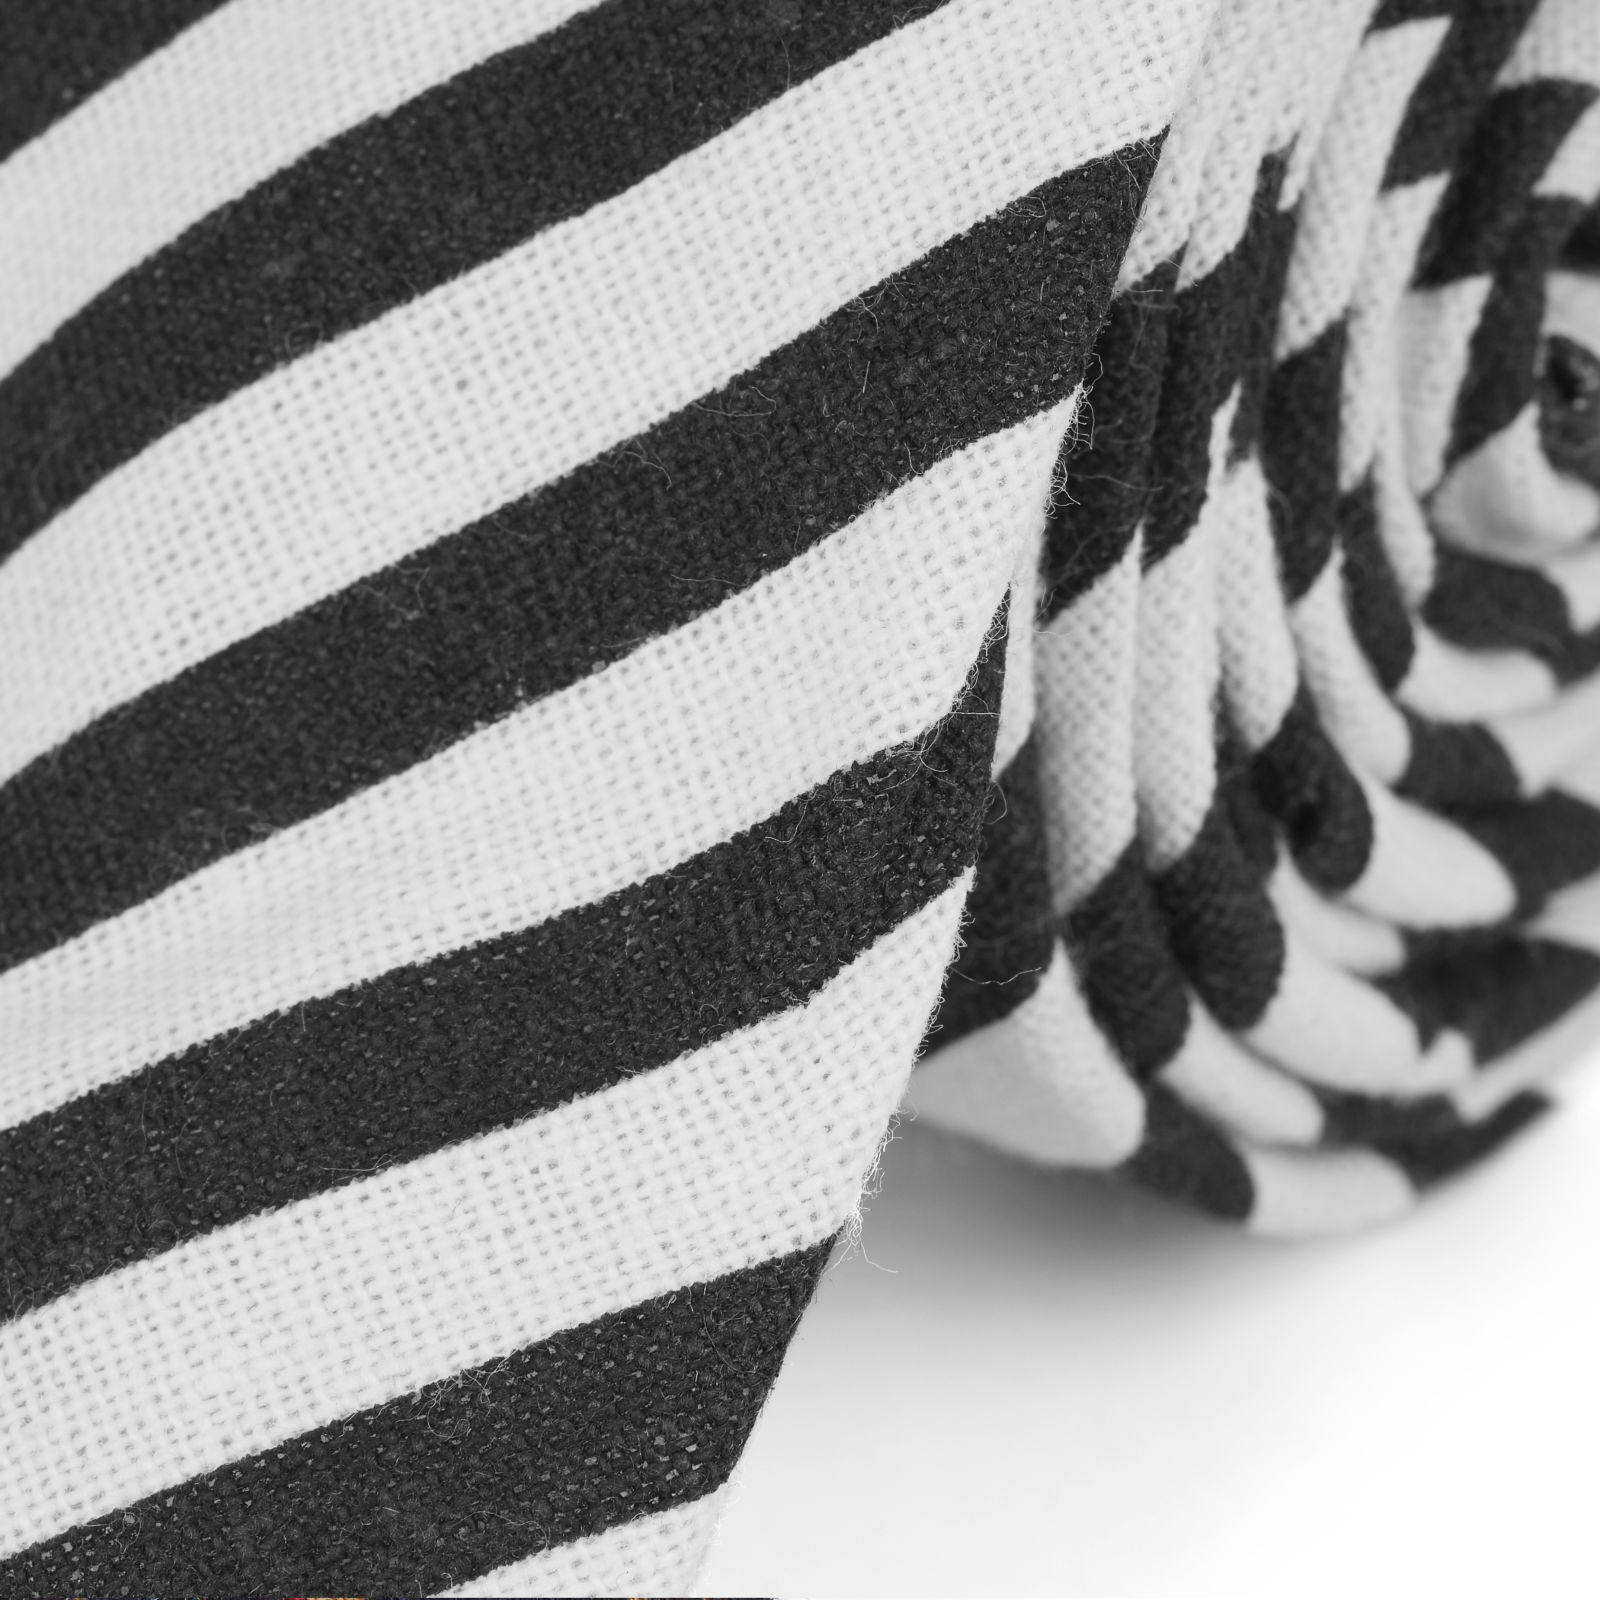 5c3cbe46ab0 Černo-bílá pruhovaná kravata